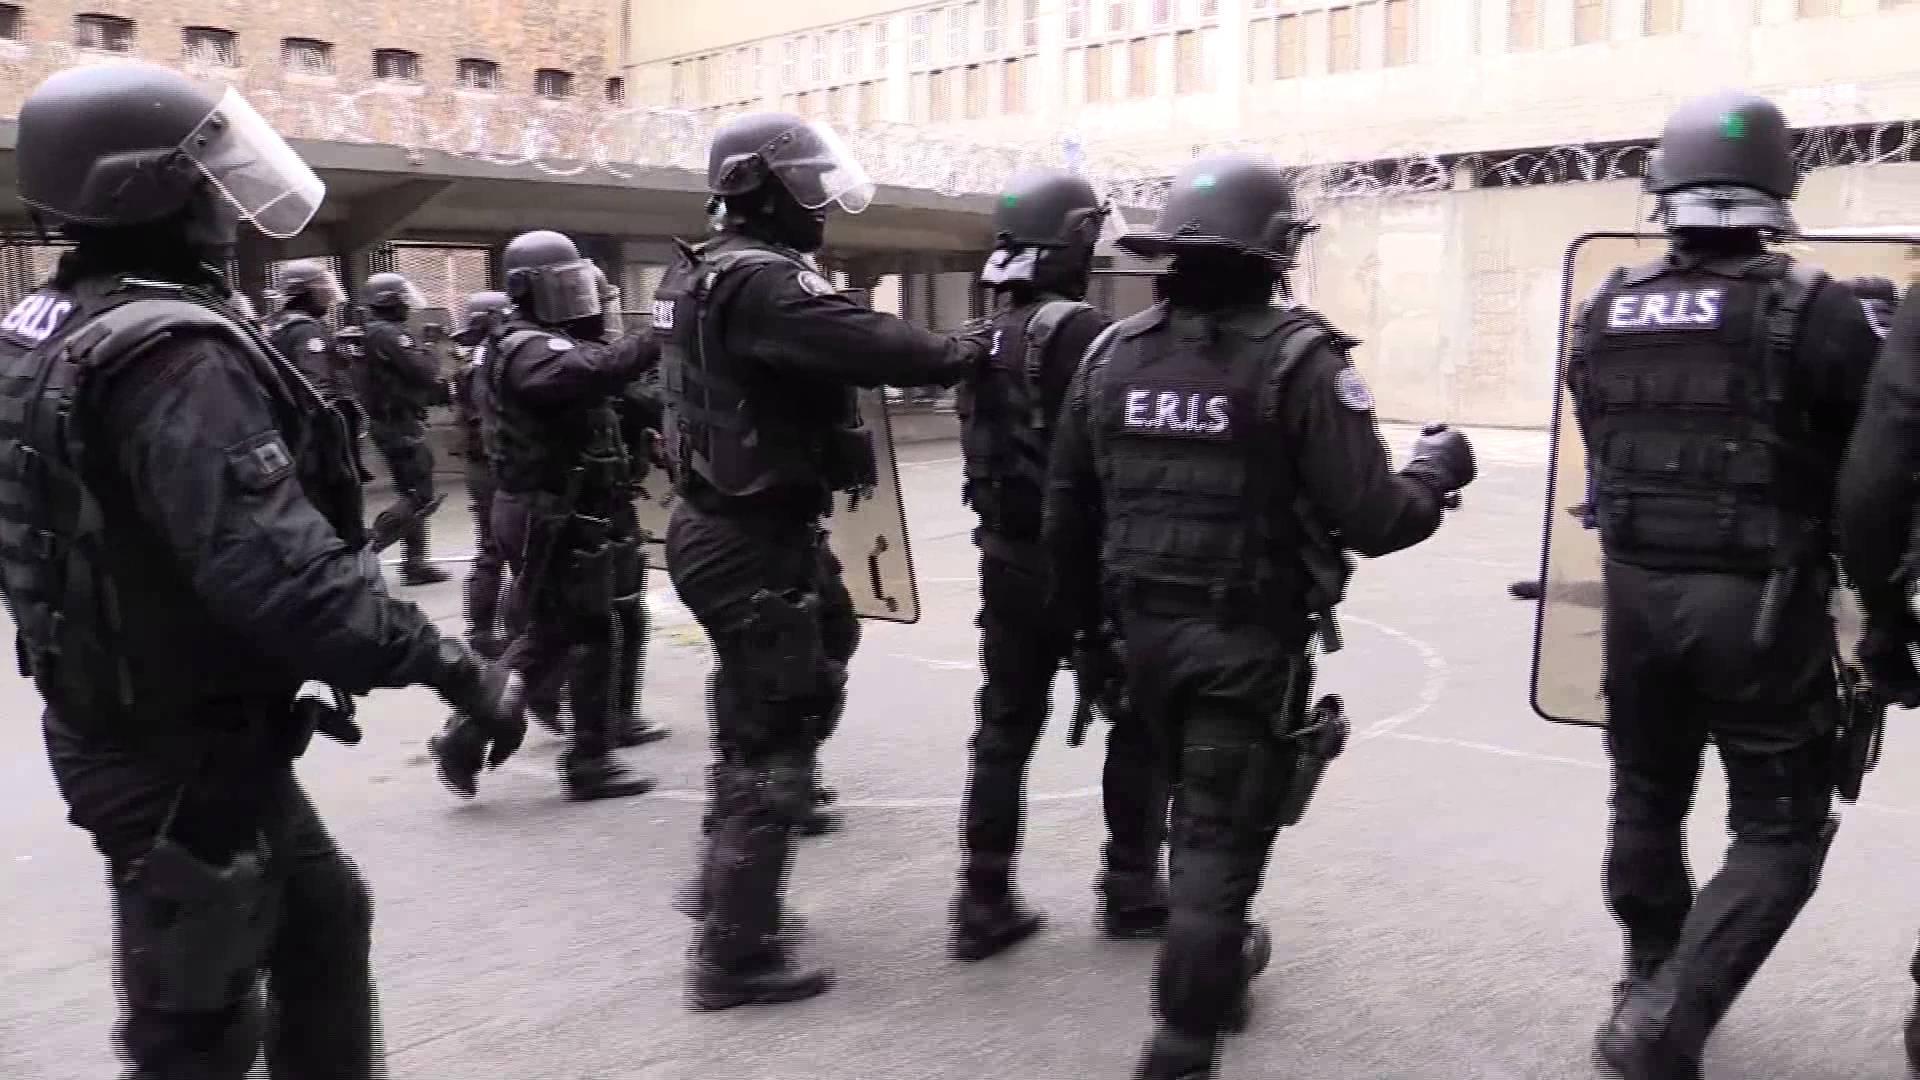 Les Équipes régionales d'intervention et de sécurité (ERIS) ont pris le contrôle de la situation et ont mis fin à la mutinerie en 45 minutes (illustration©Youtube)